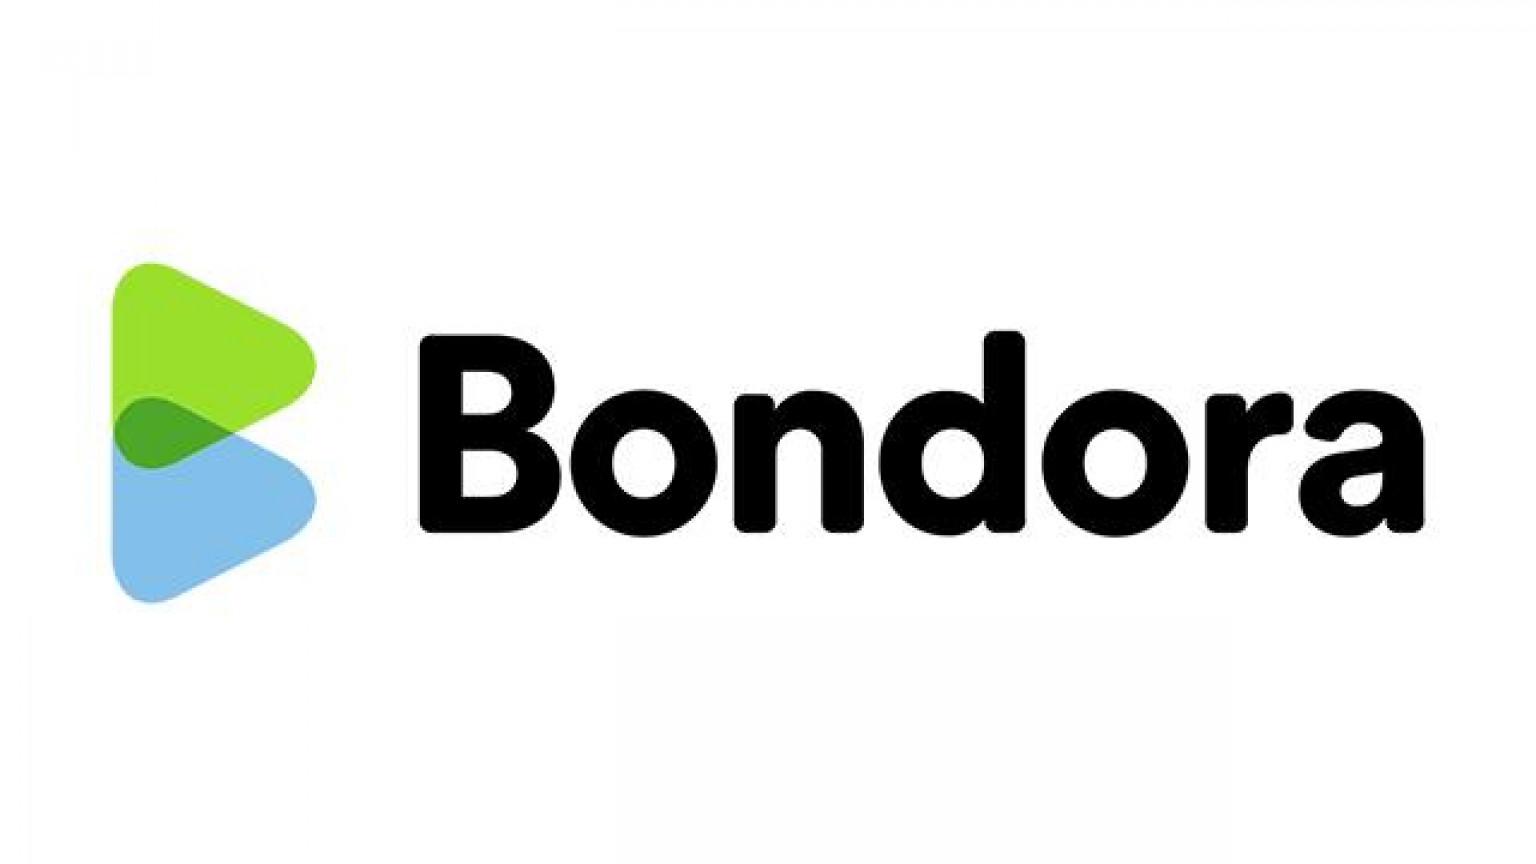 Logo of Peer-to-Peer lending platform Bondora